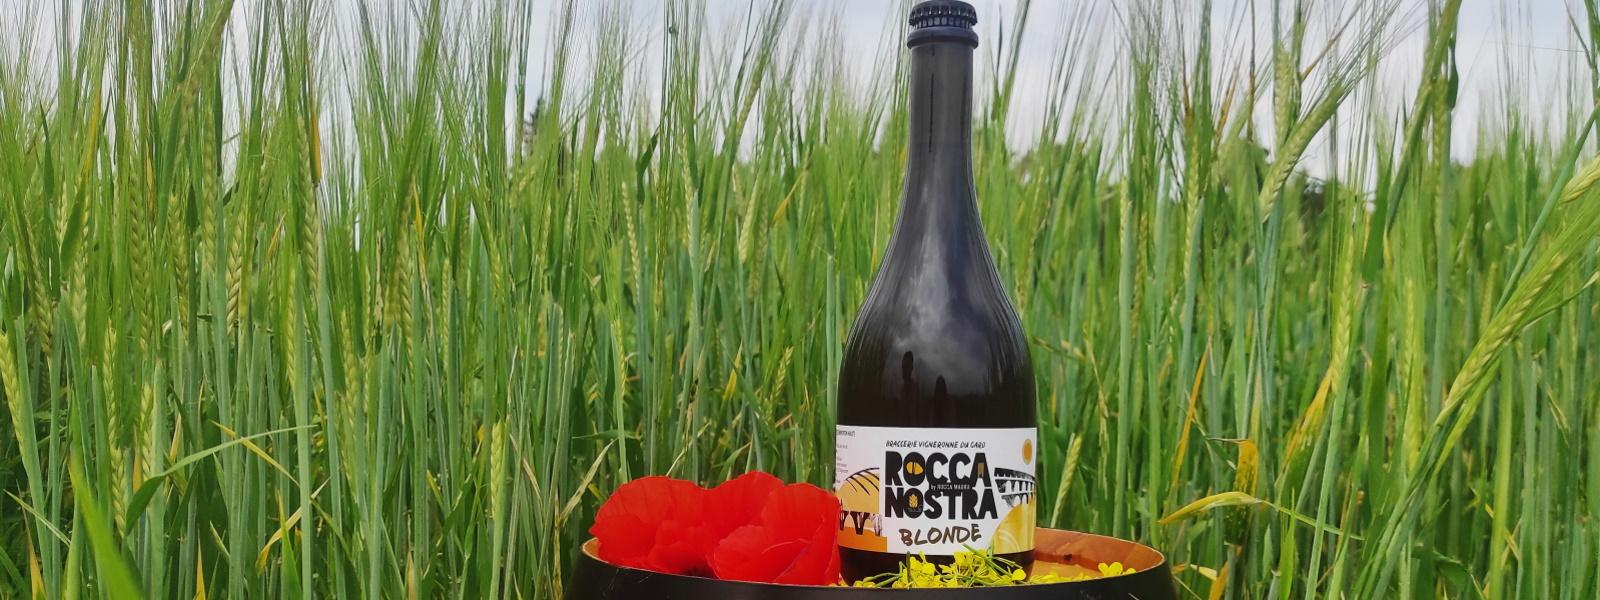 Bière blonde Rocca Nostra 75cL